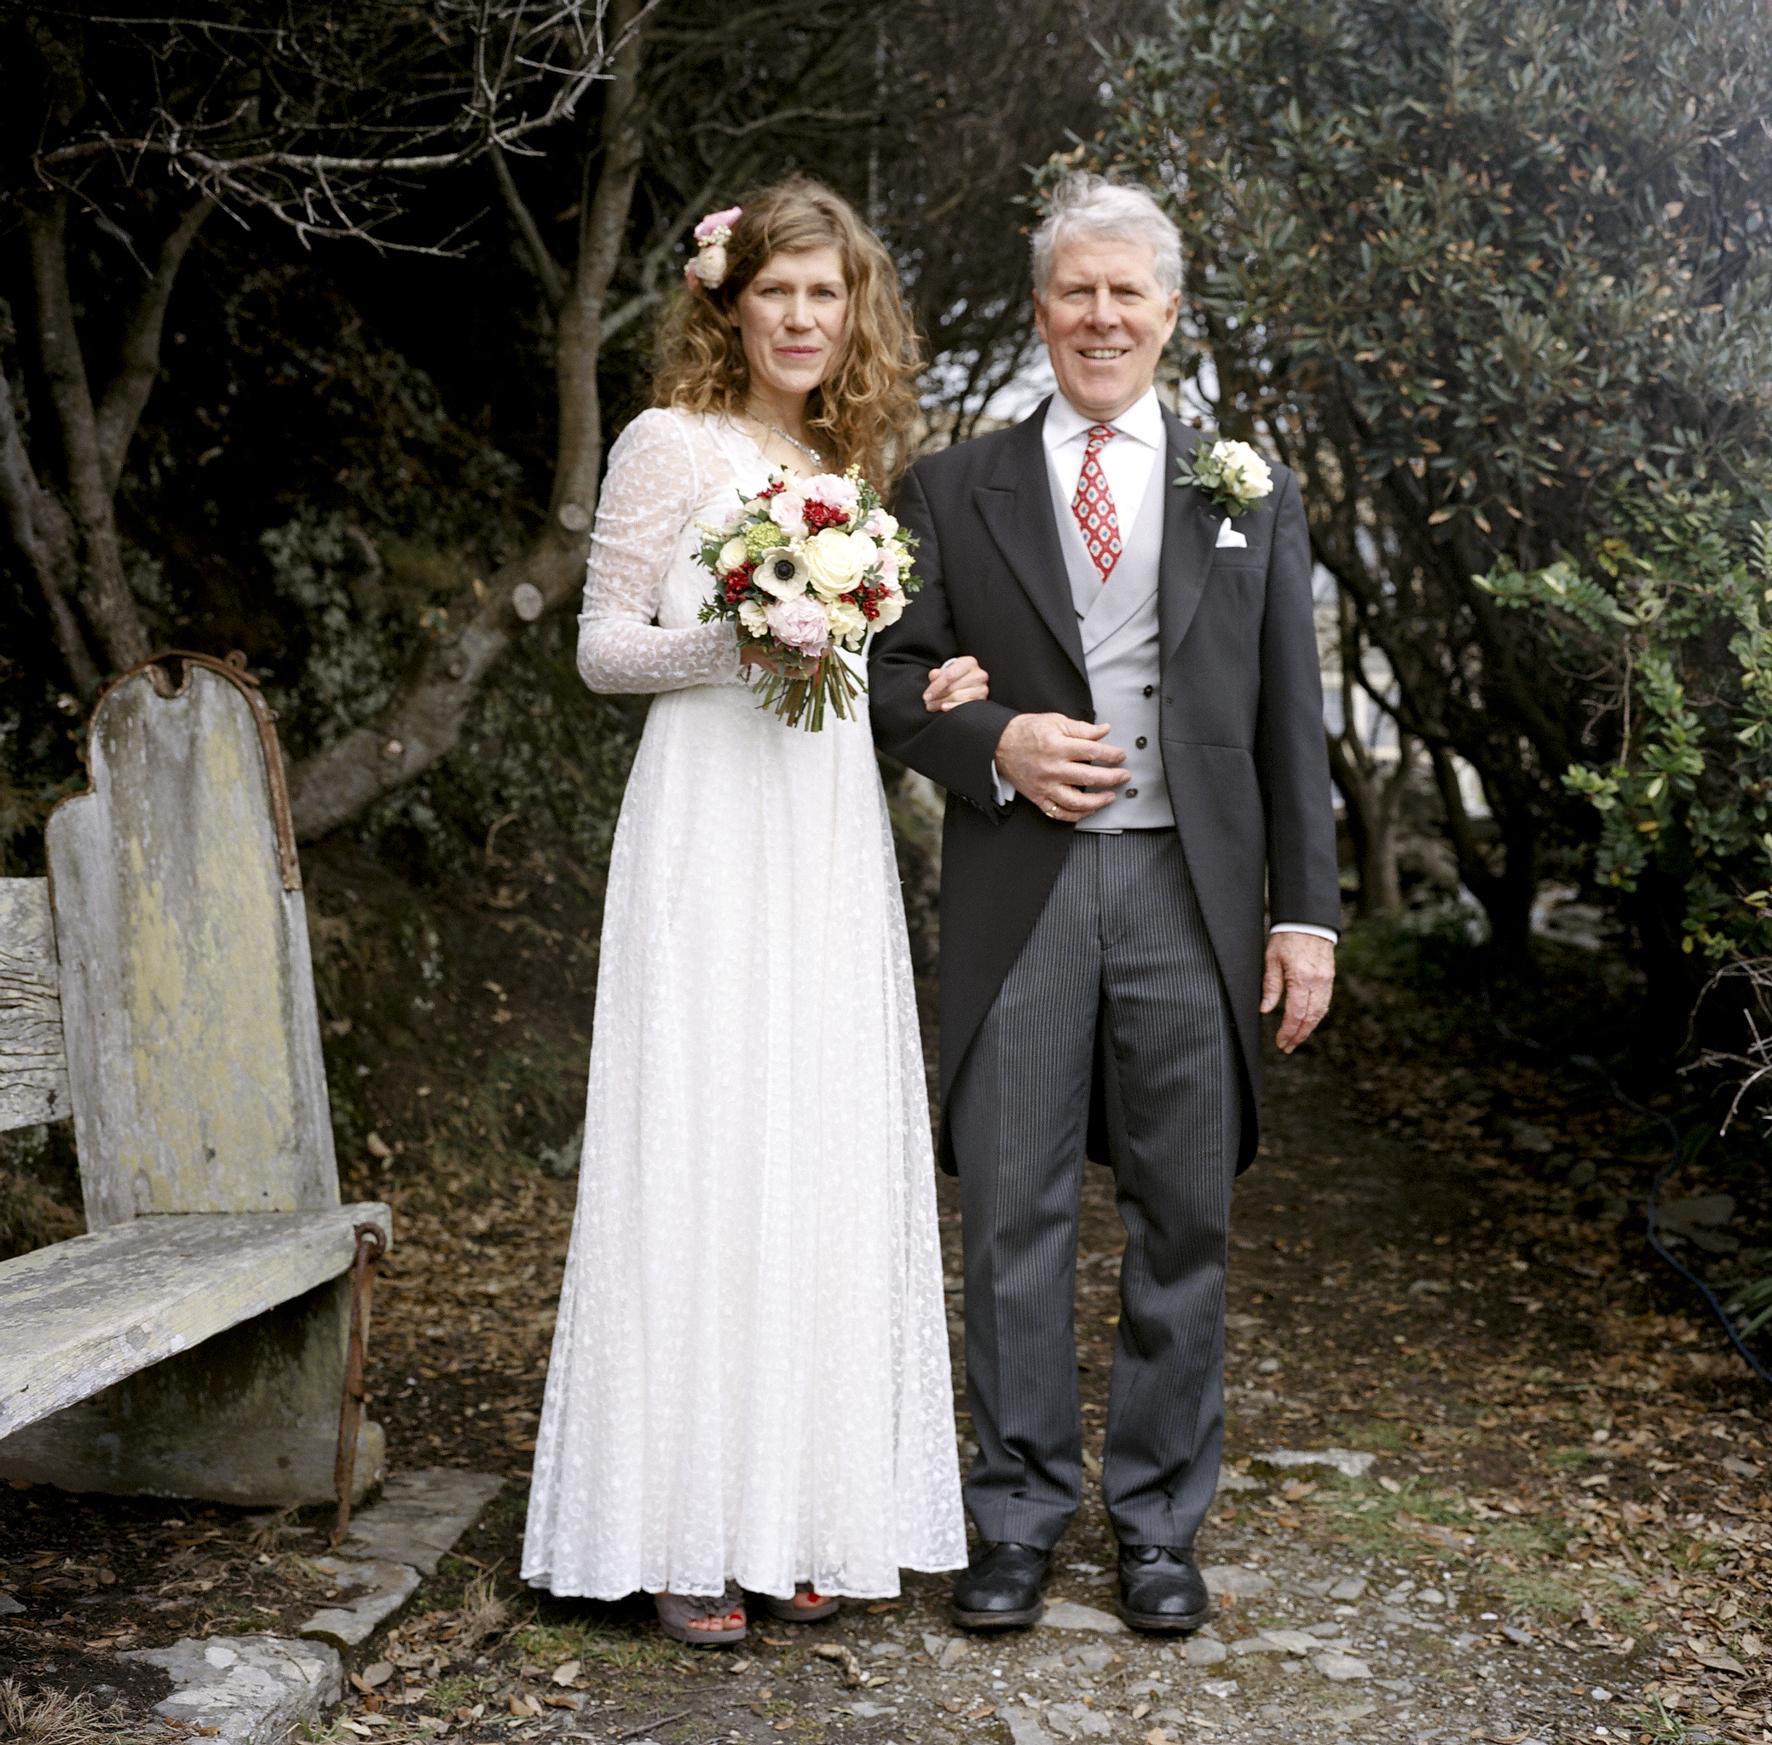 Wedding example_M&P_92550004-Edit_Claudia Leisinger.jpg